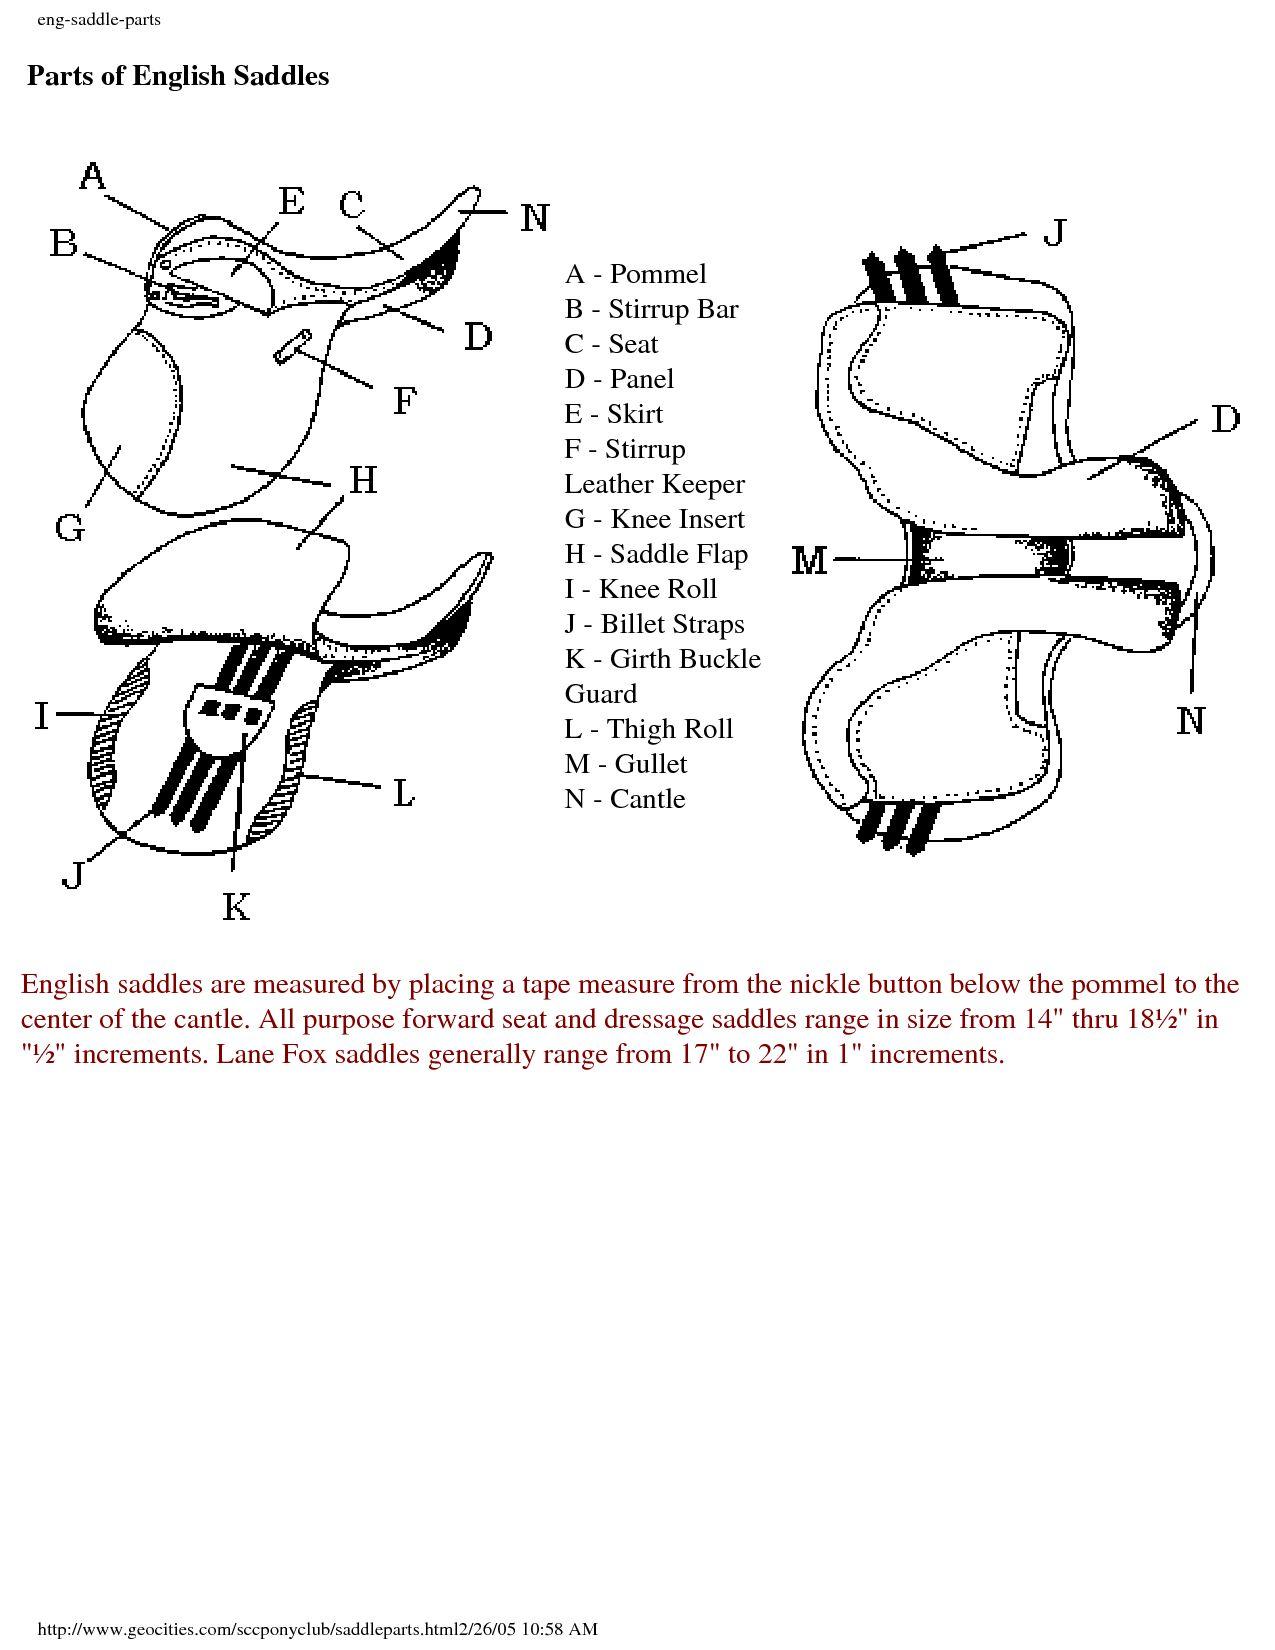 Anatomy of the english saddle horse info pinterest saddles and anatomy of the english saddle ccuart Choice Image